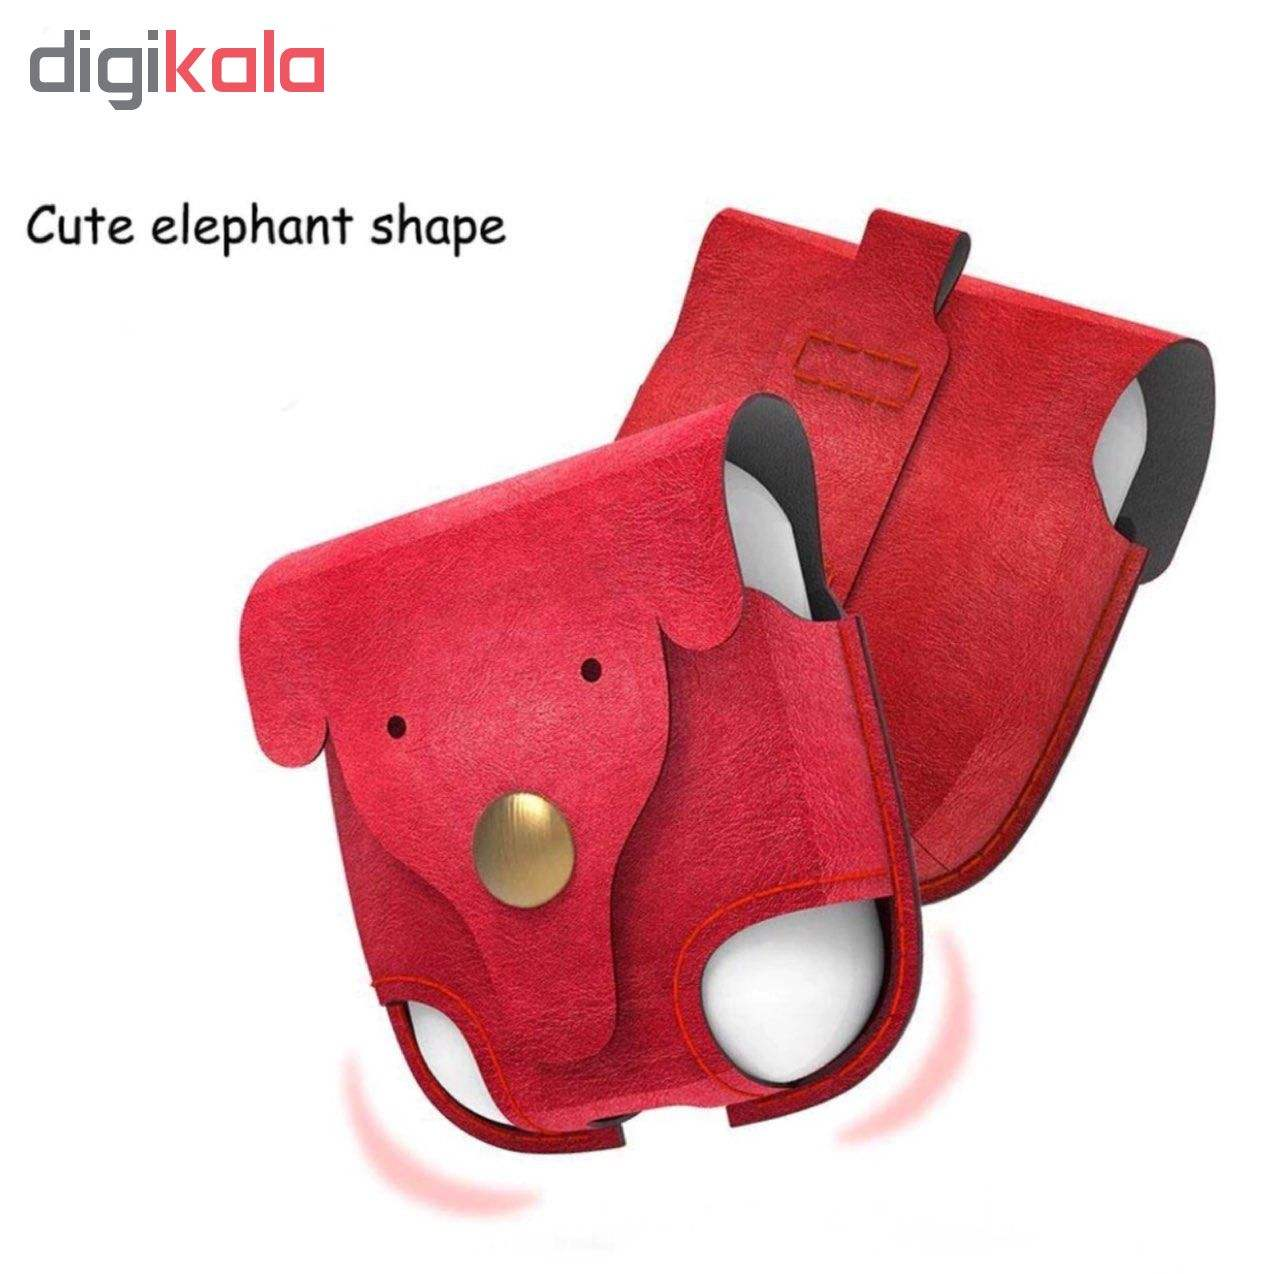 کاور محافظ مدل Elephant مناسب برای کیس ایرپاد main 1 2